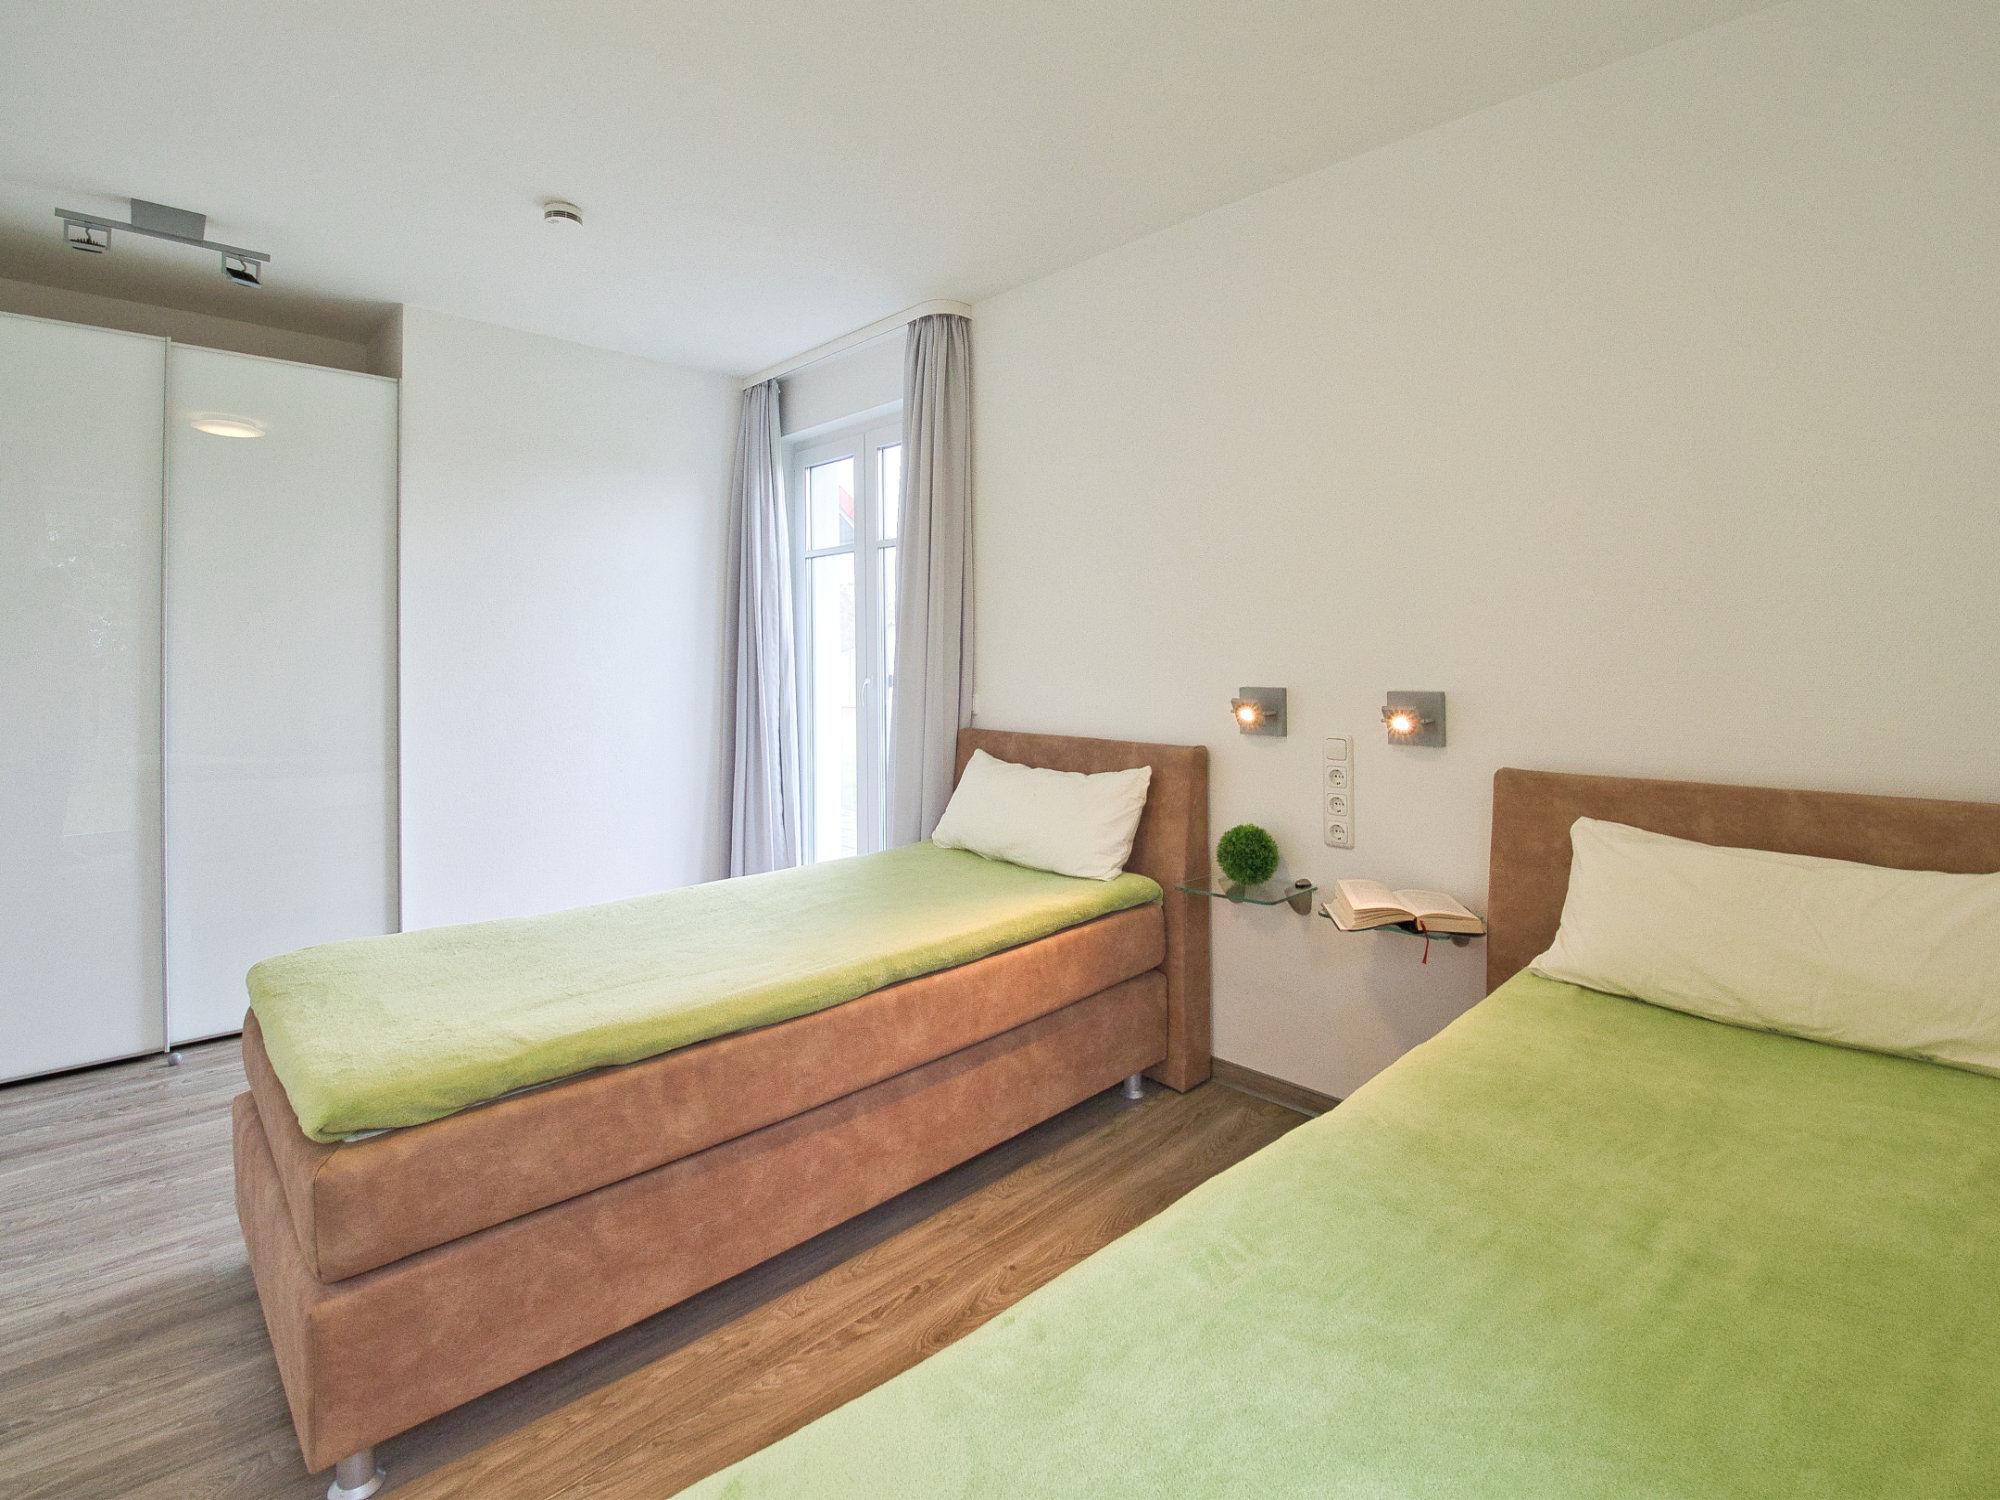 Schlafzimmer mit zwei Einzelbetten, großem Kleiderschrank und einem bodentiefen Fenster